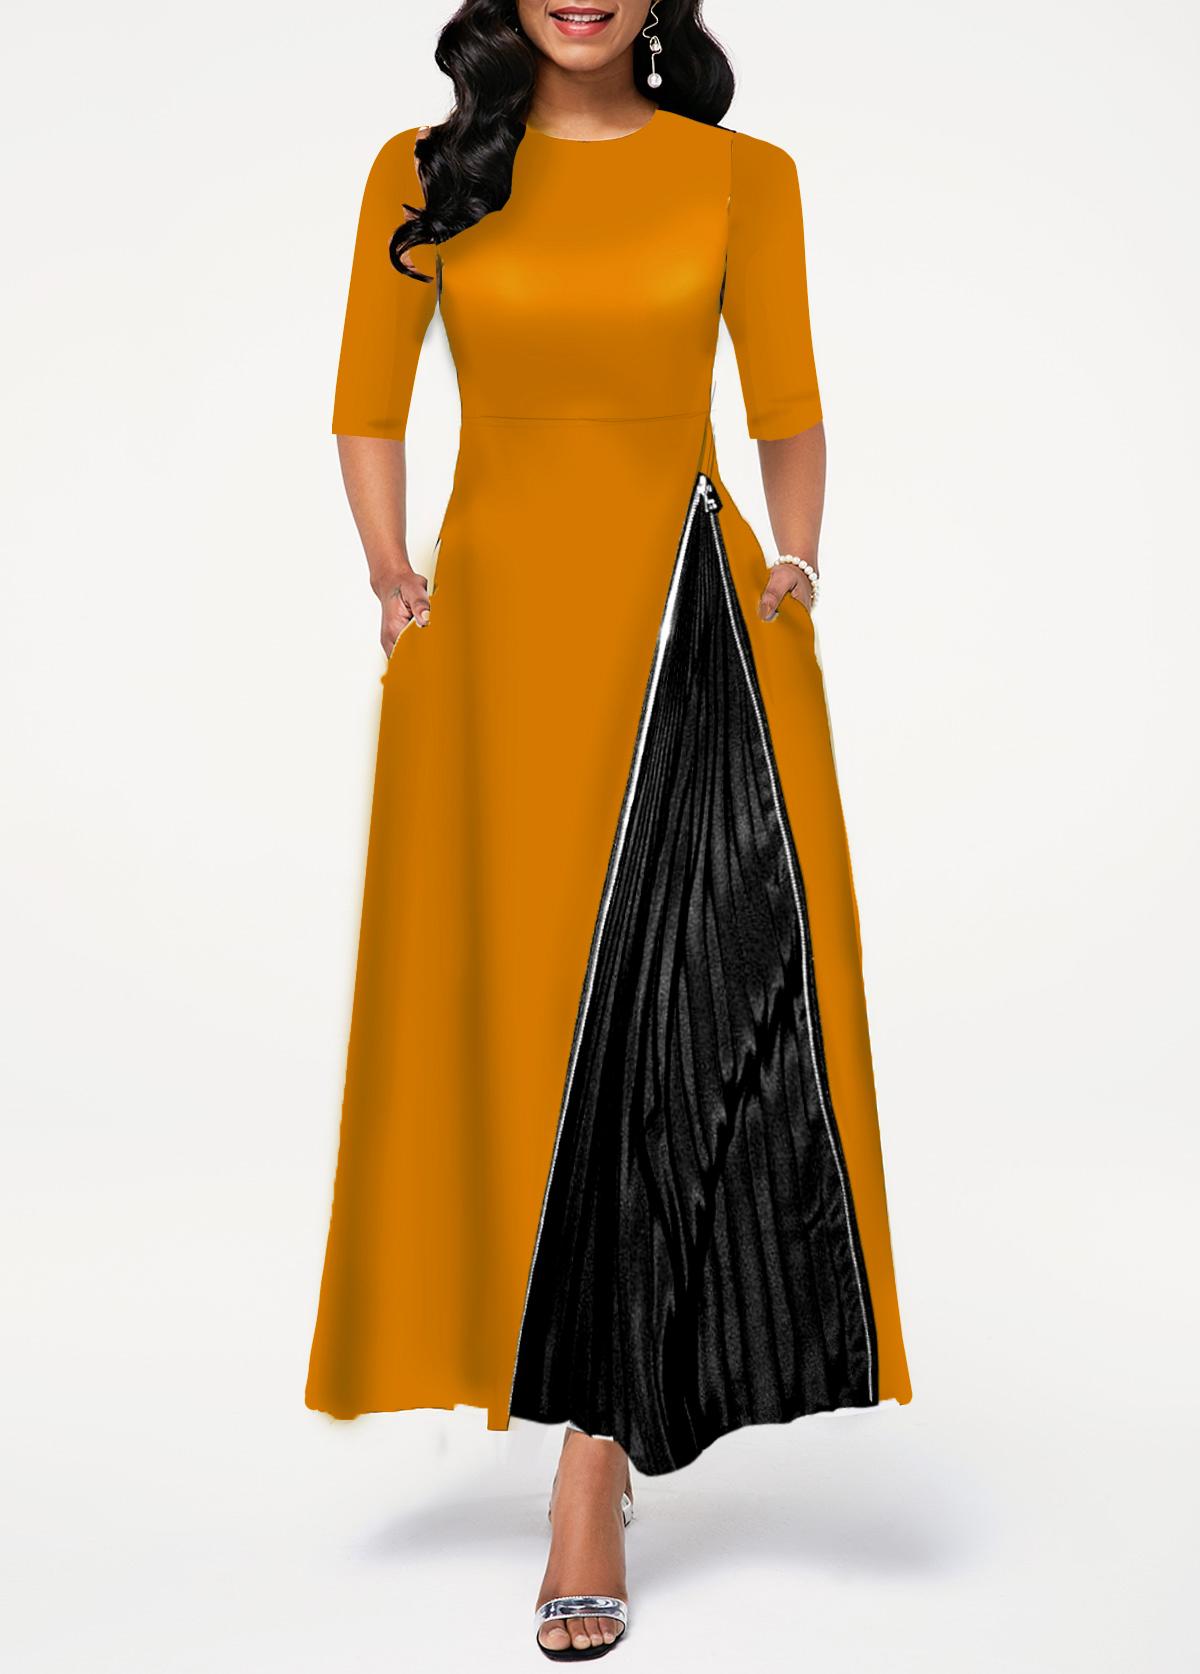 Zipper Detail Round Neck High Waist Dress